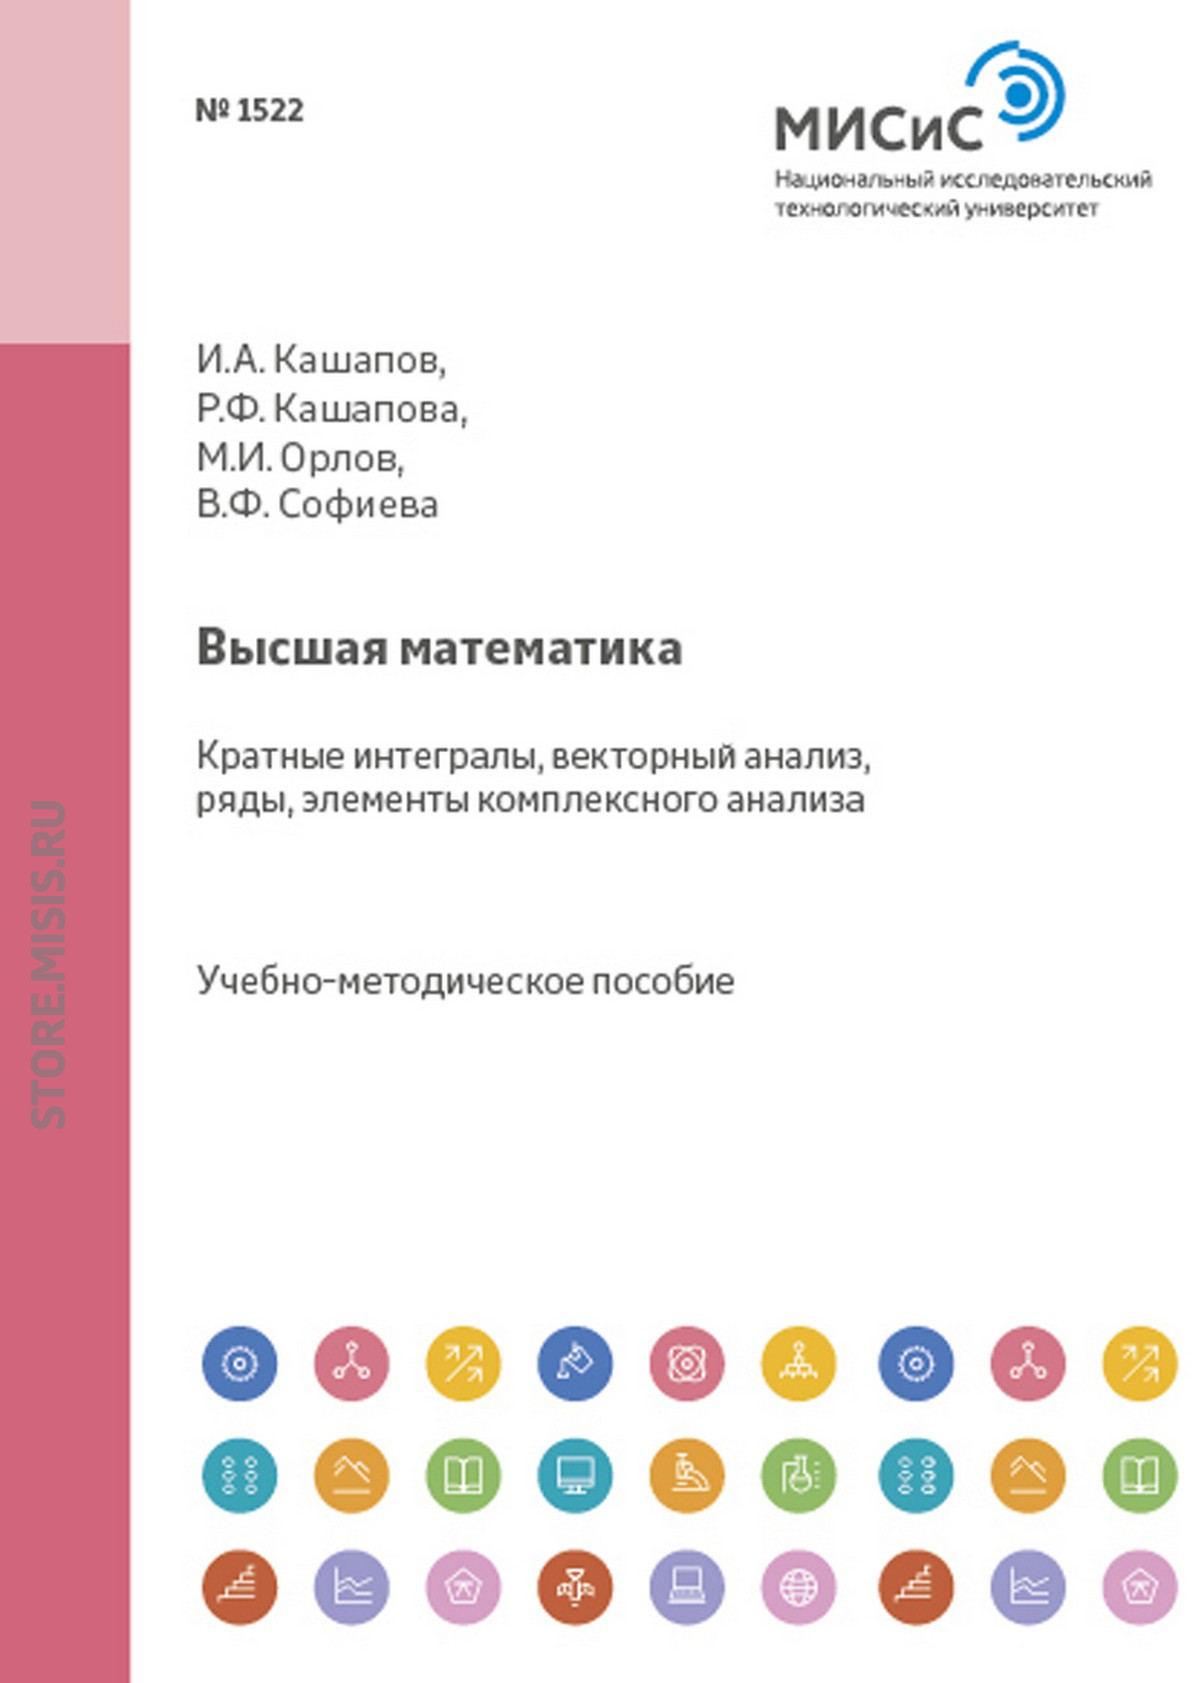 Ильяс Анварович Кашапов Высшая математика. Разделы: кратные интегралы, векторный анализ, ряды, элементы комплексного анализа